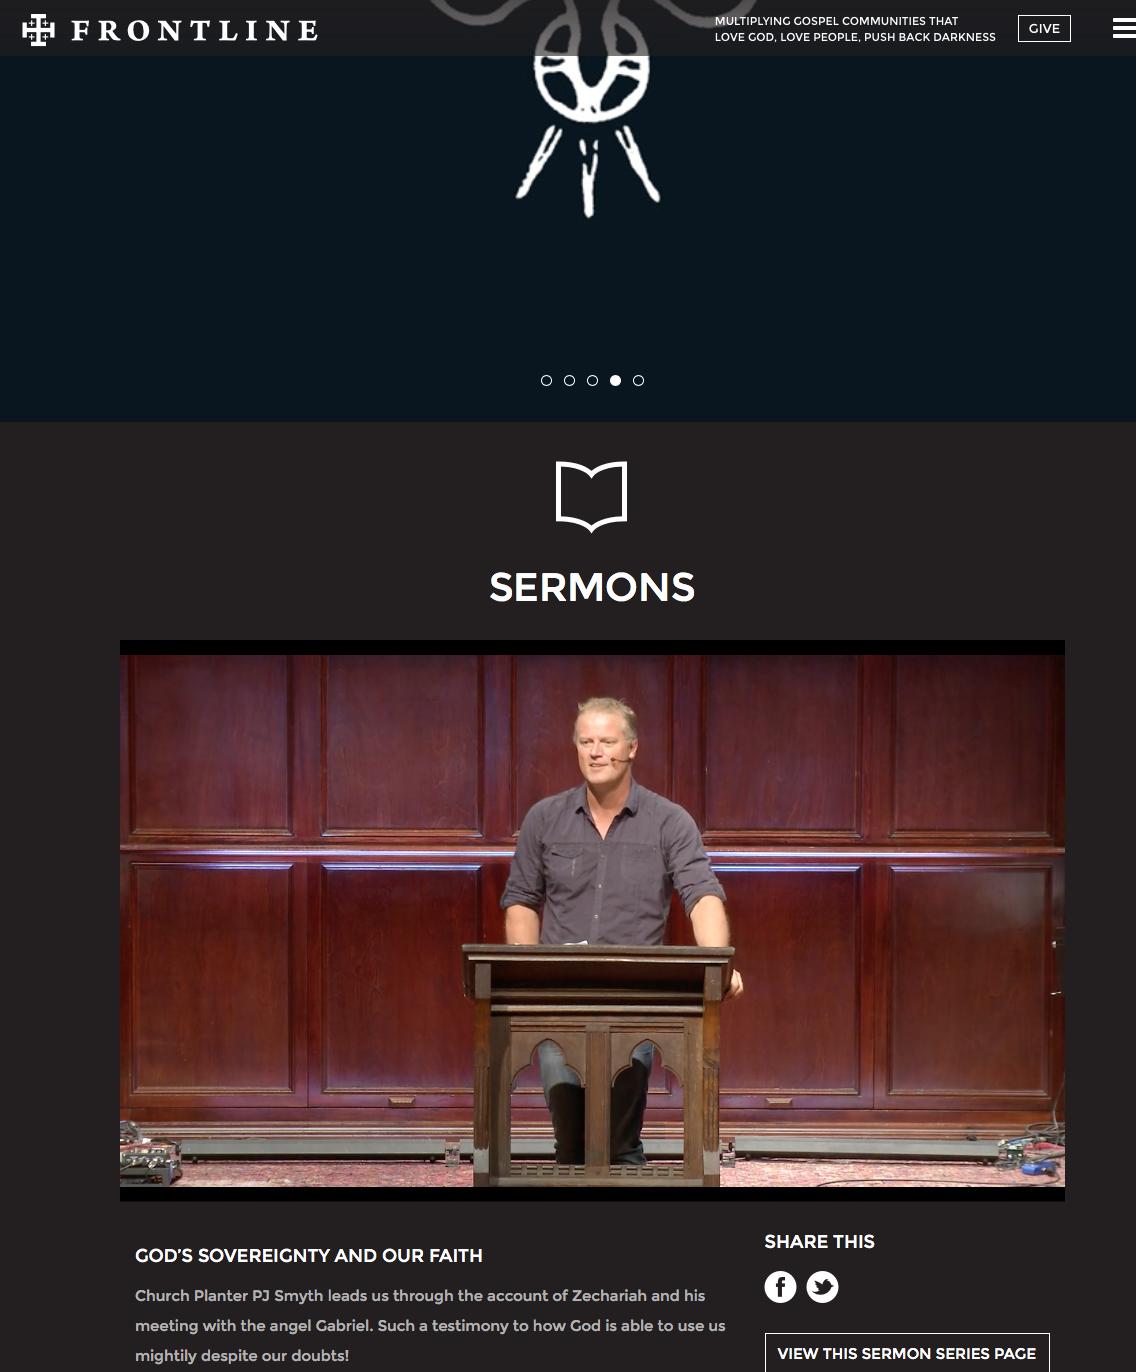 2016-02-04 PJ Smyth preaching at Frontline OKC 1-24-2106